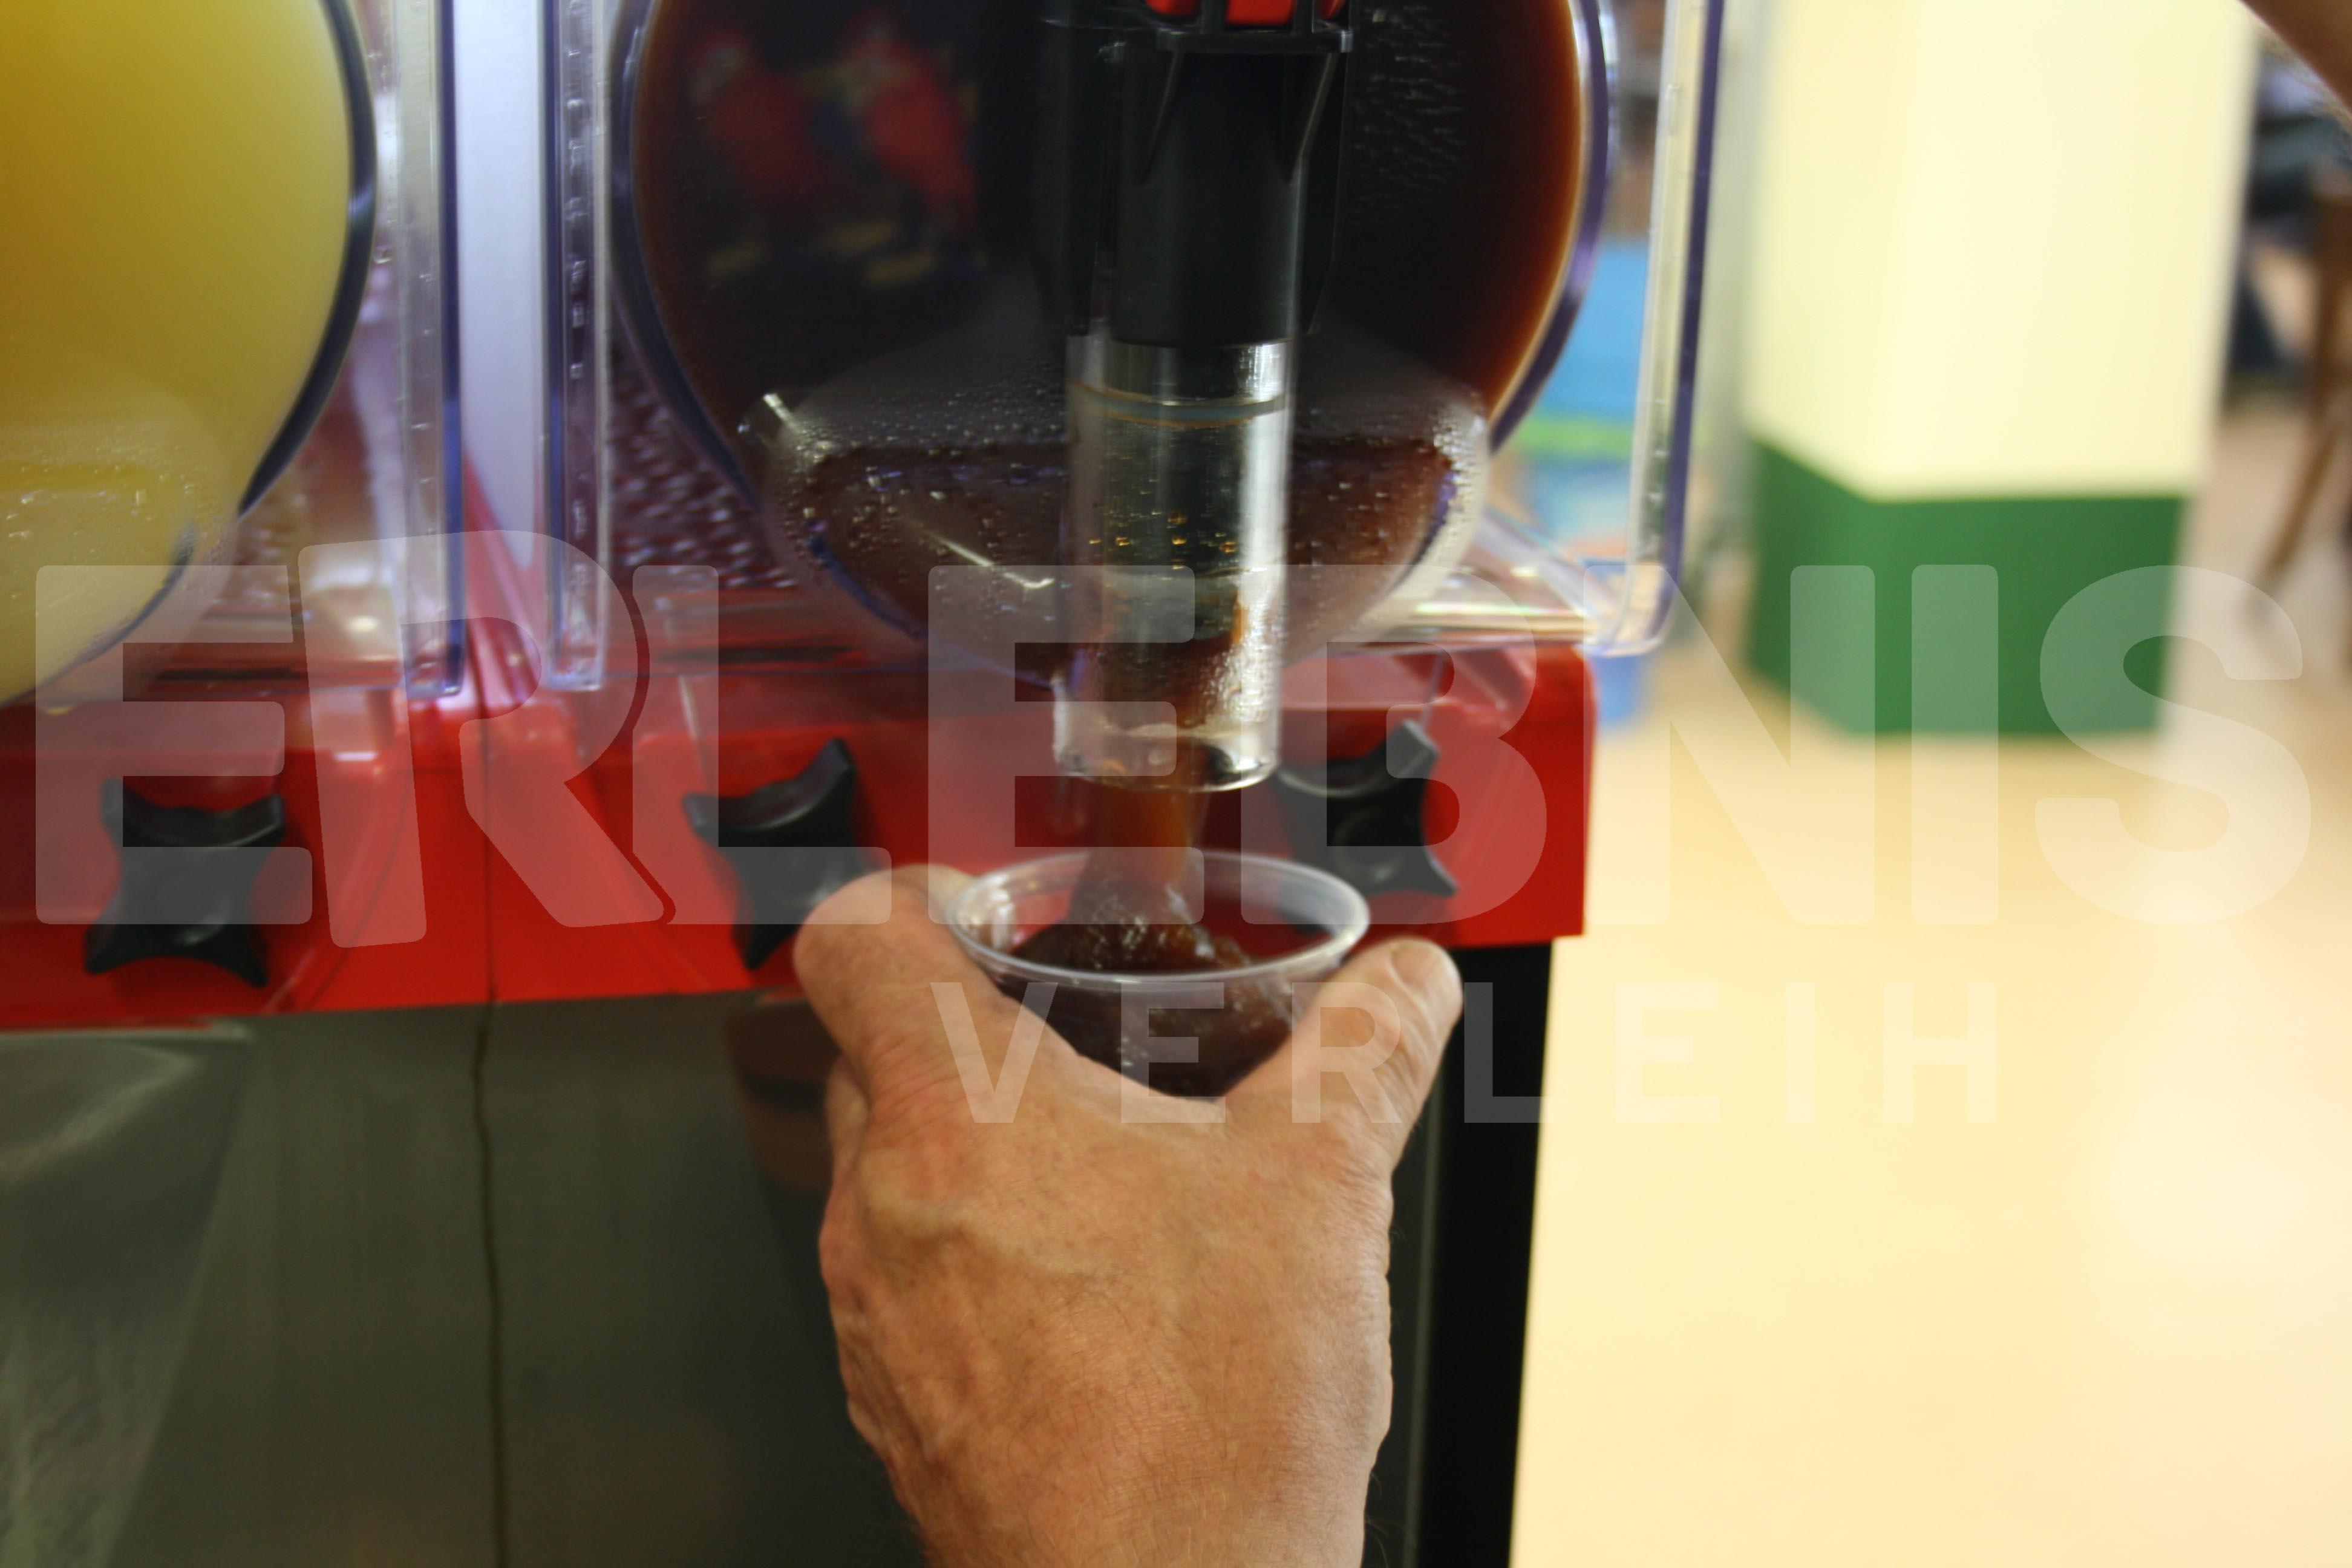 Slush Eis Maschine mit Zutaten und Zubehör